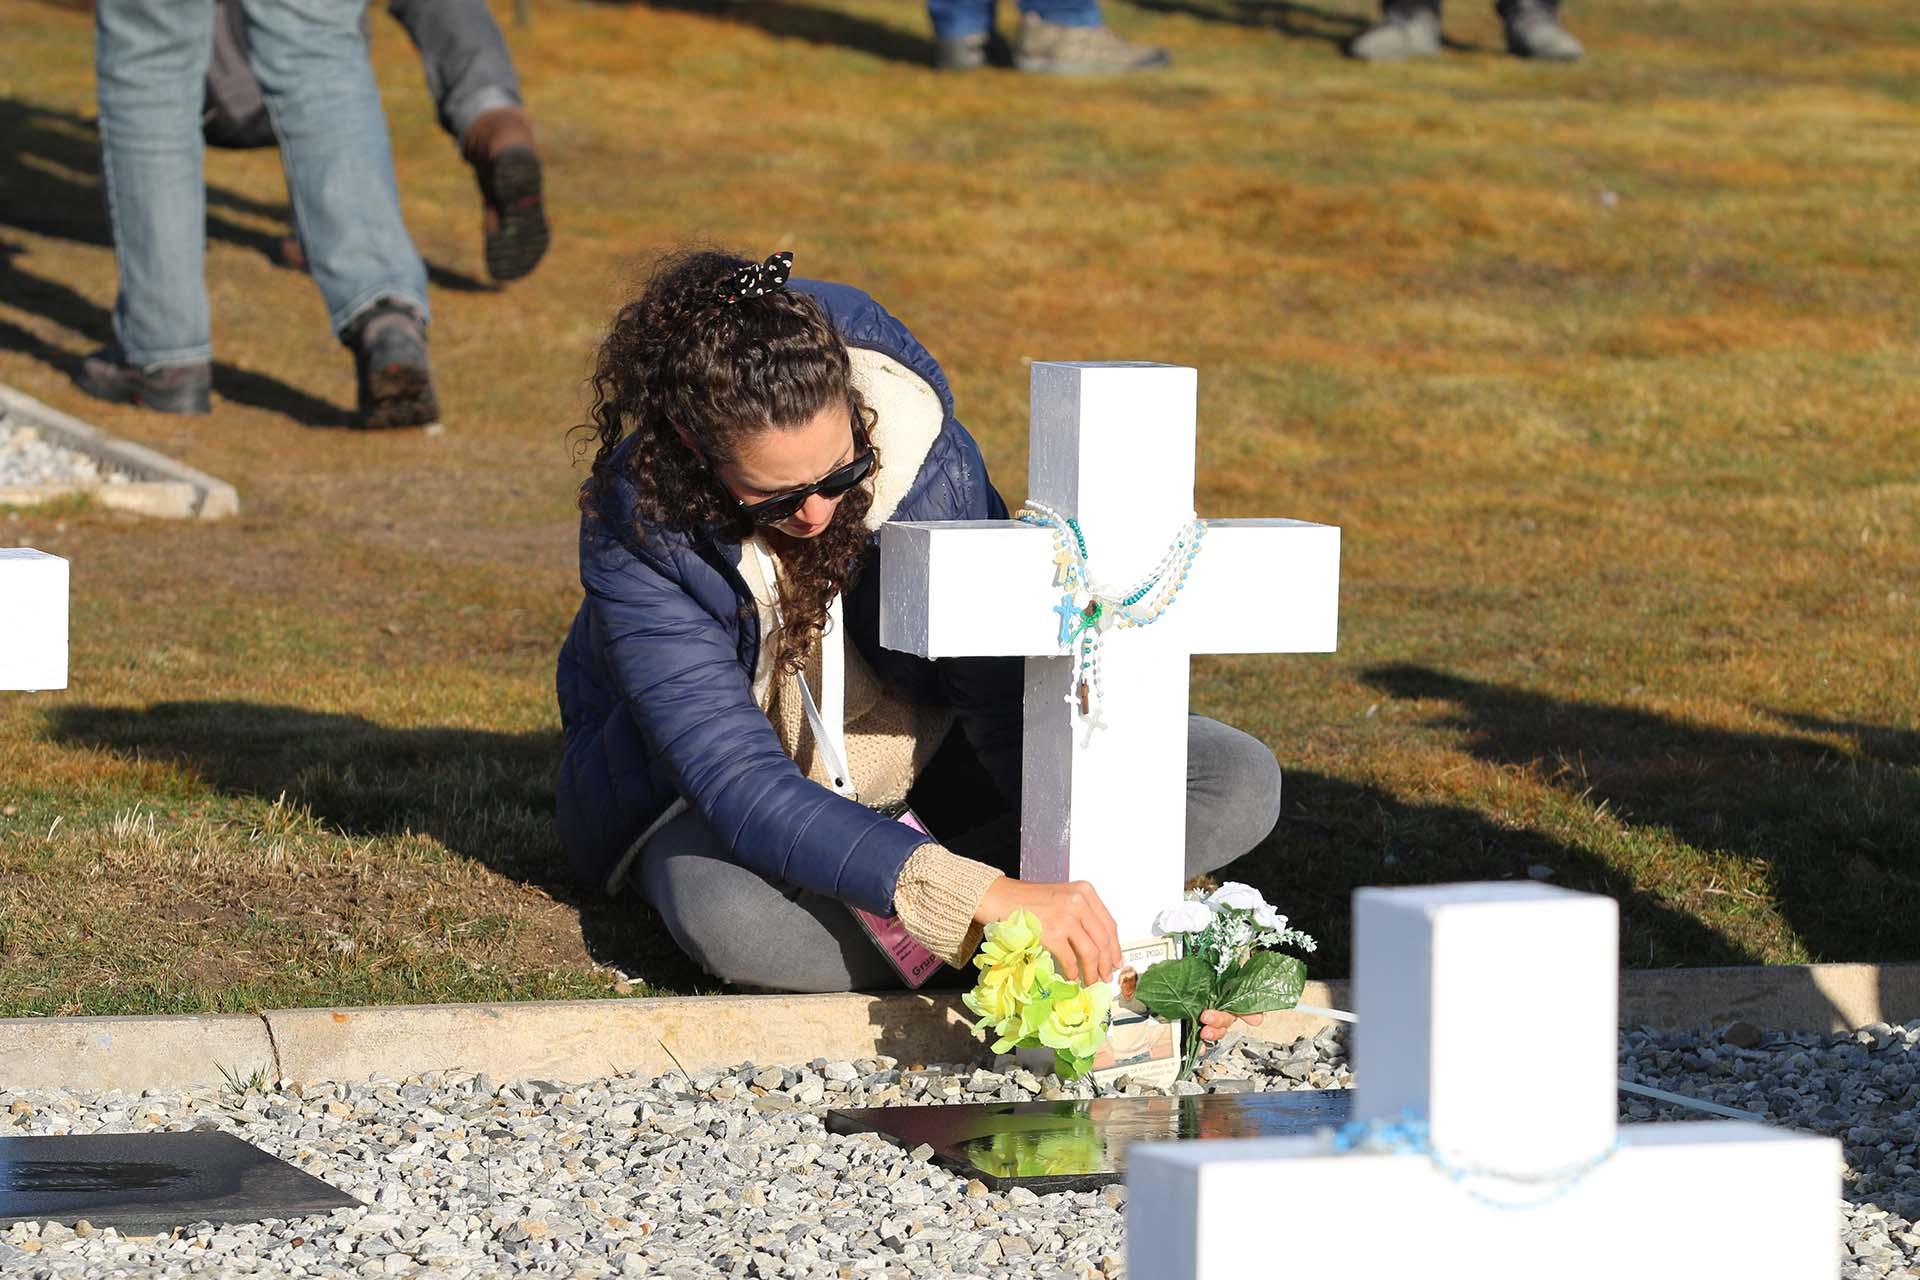 Las cruces estaban recién pintadas, blancas y relucientes, el césped cortado, las cruces con sus rosarios y sus flores. El cementerio fue especialmente acondicionado para este día histórico